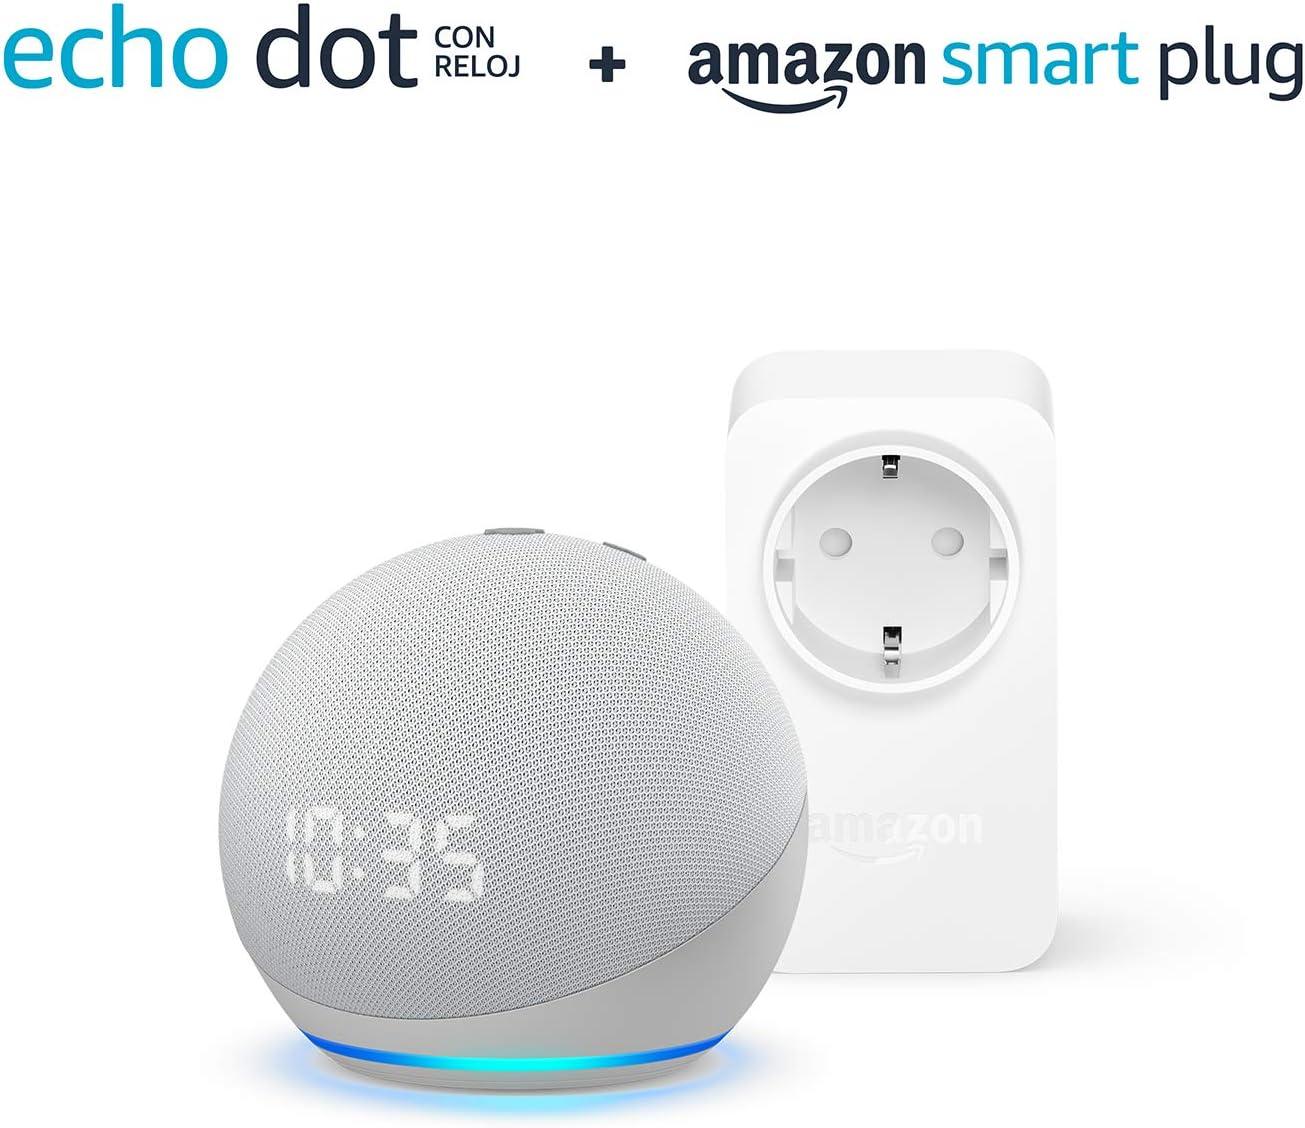 Nuevo Echo Dot (4.ª generación) con reloj, Blanco + Amazon Smart Plug (enchufe inteligente WiFi), compatible con Alexa